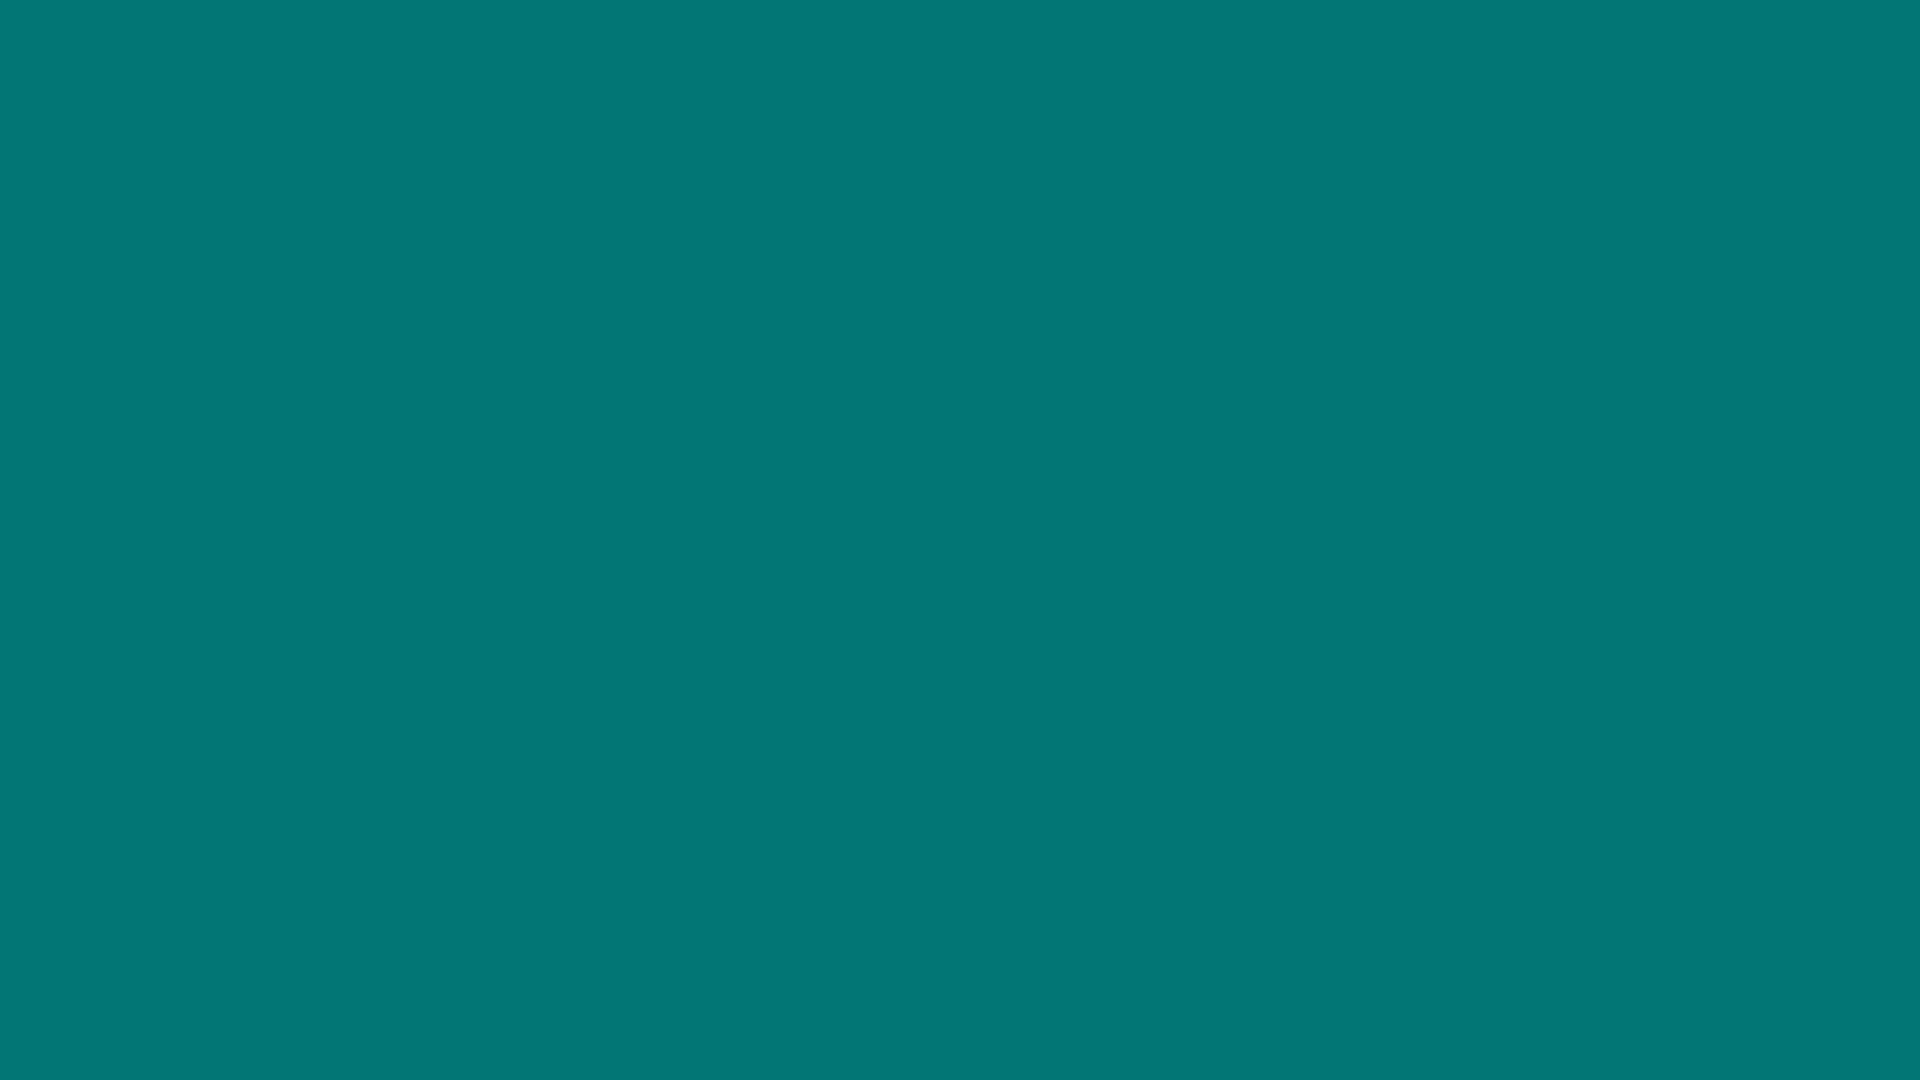 [공고] 서울대학교 아시아연구소    중점연구 사업 전임연구인력 모집 공고